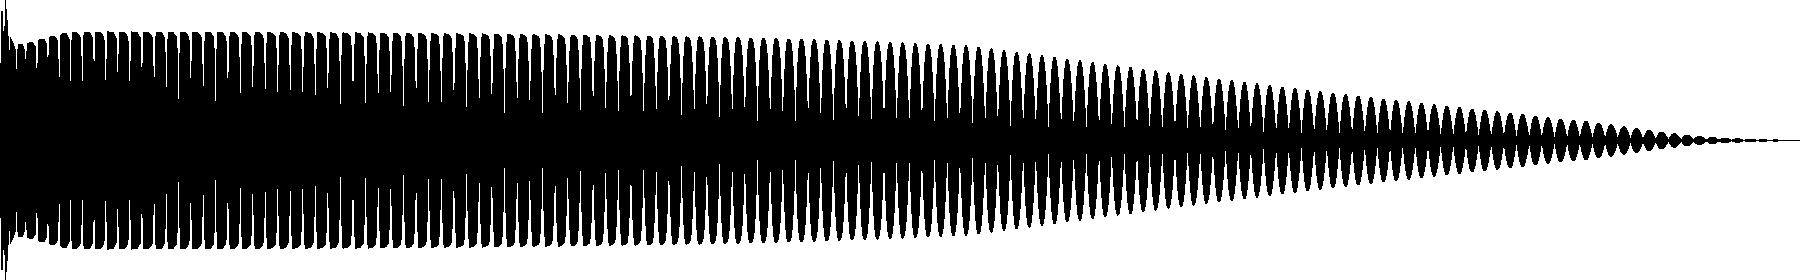 808 bass drop